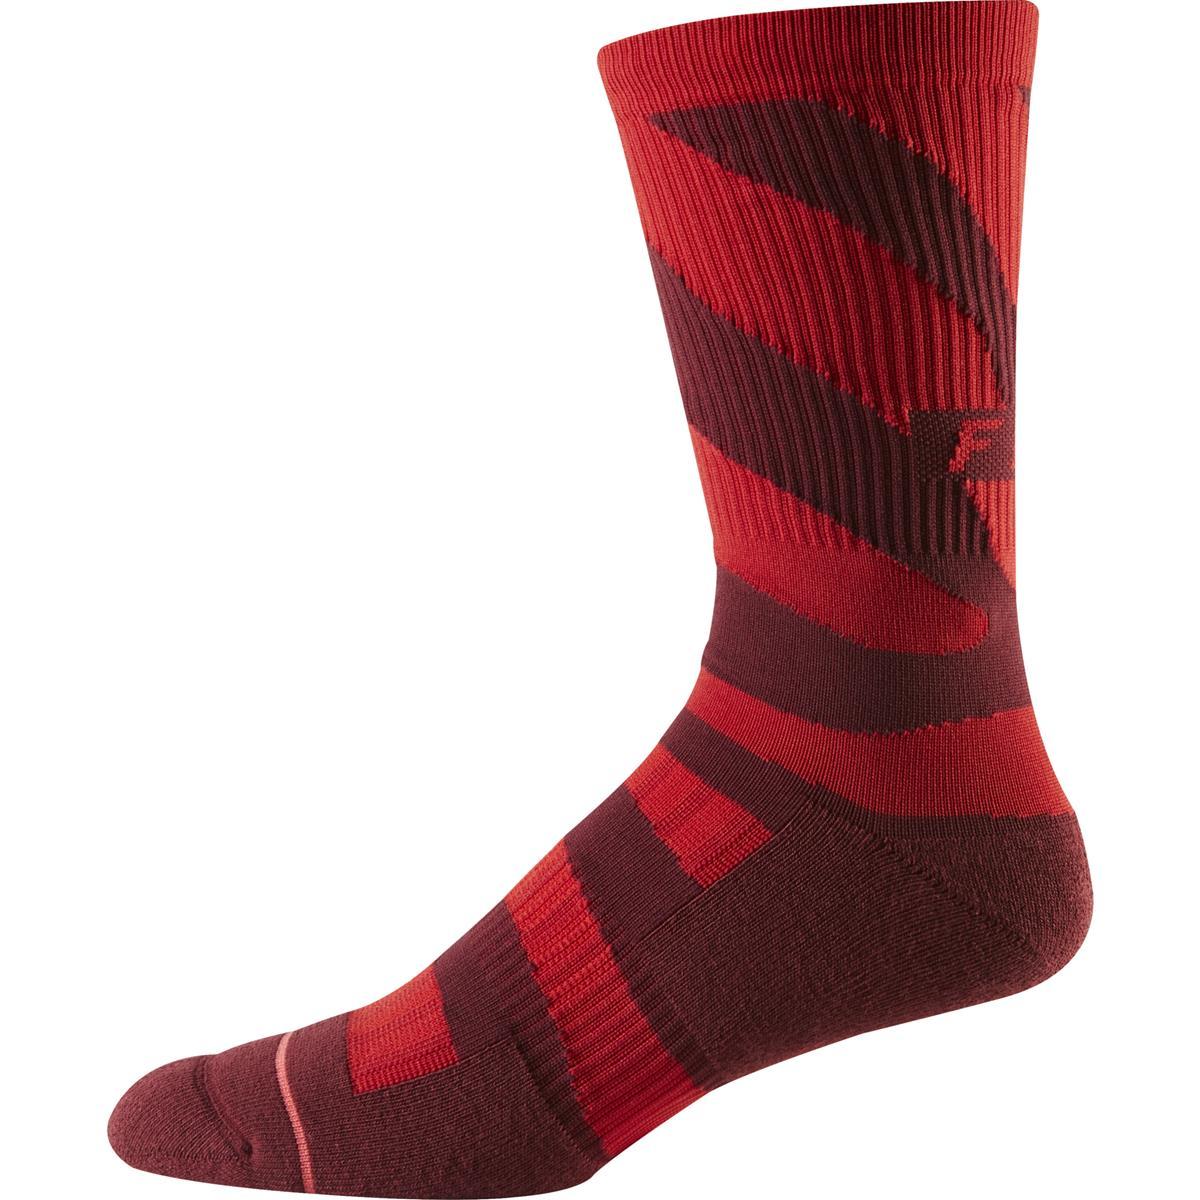 Fox Socken 8 Inch Trail Cushion Cardinal